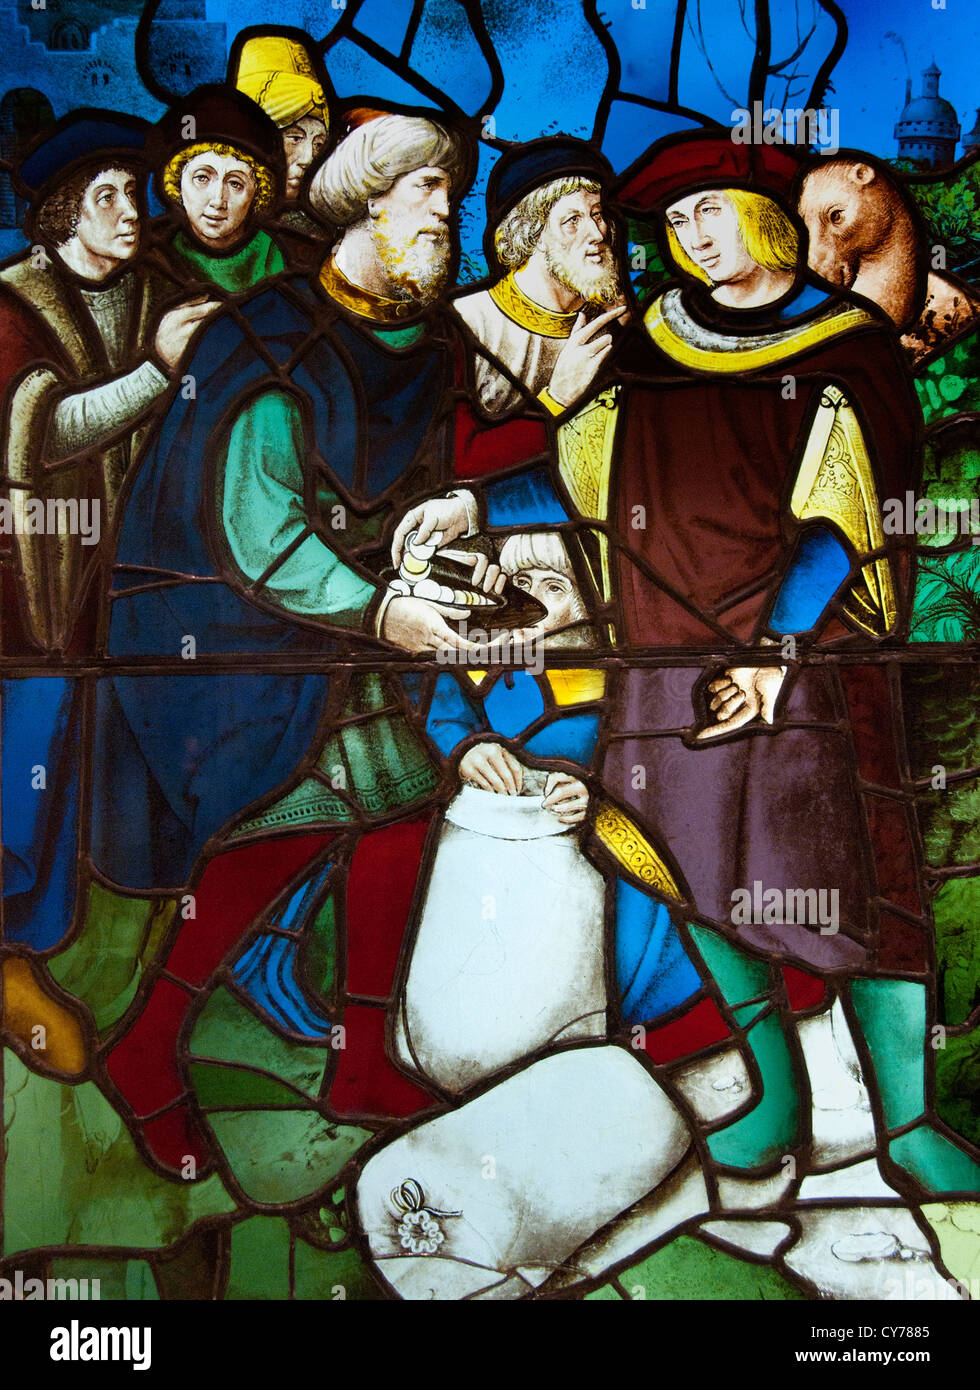 Découvrez les frères de Joseph l'argent dans leurs sacs de grain. 1530 Rouen français teinté Photo Stock